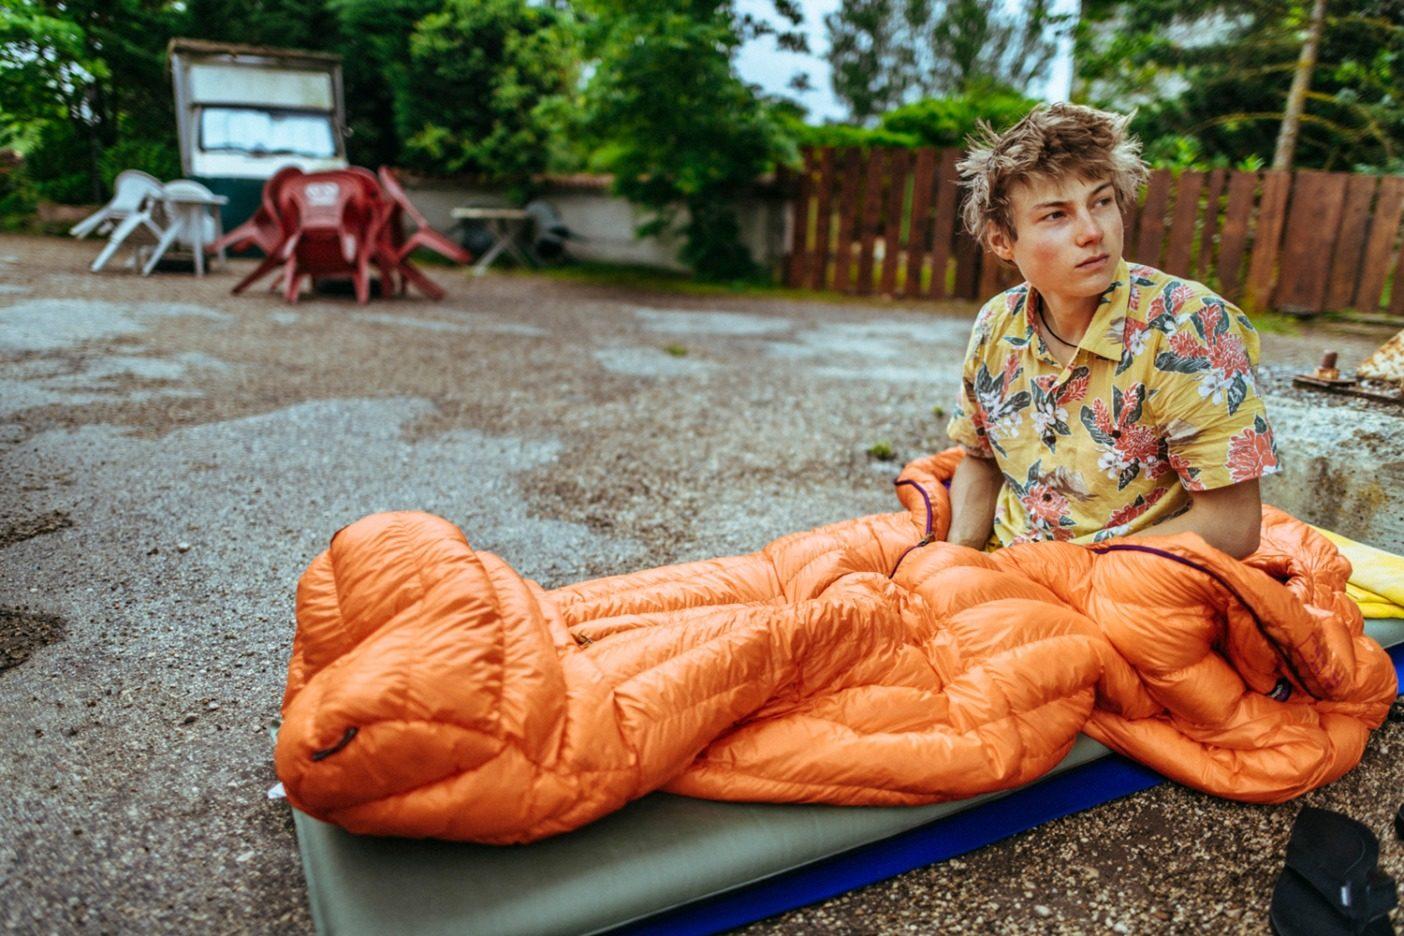 アレックスは世界最高のクライマーのひとりかもしれないが、クライミングのダートバッグ文化を称賛する姿勢は変わらない。その証拠にこれは、フランスのセユーズに向かう道中の閉まっていたガソリンスタンドで野宿し、雨に降られて目覚めた姿。Photo: Ken Etzel